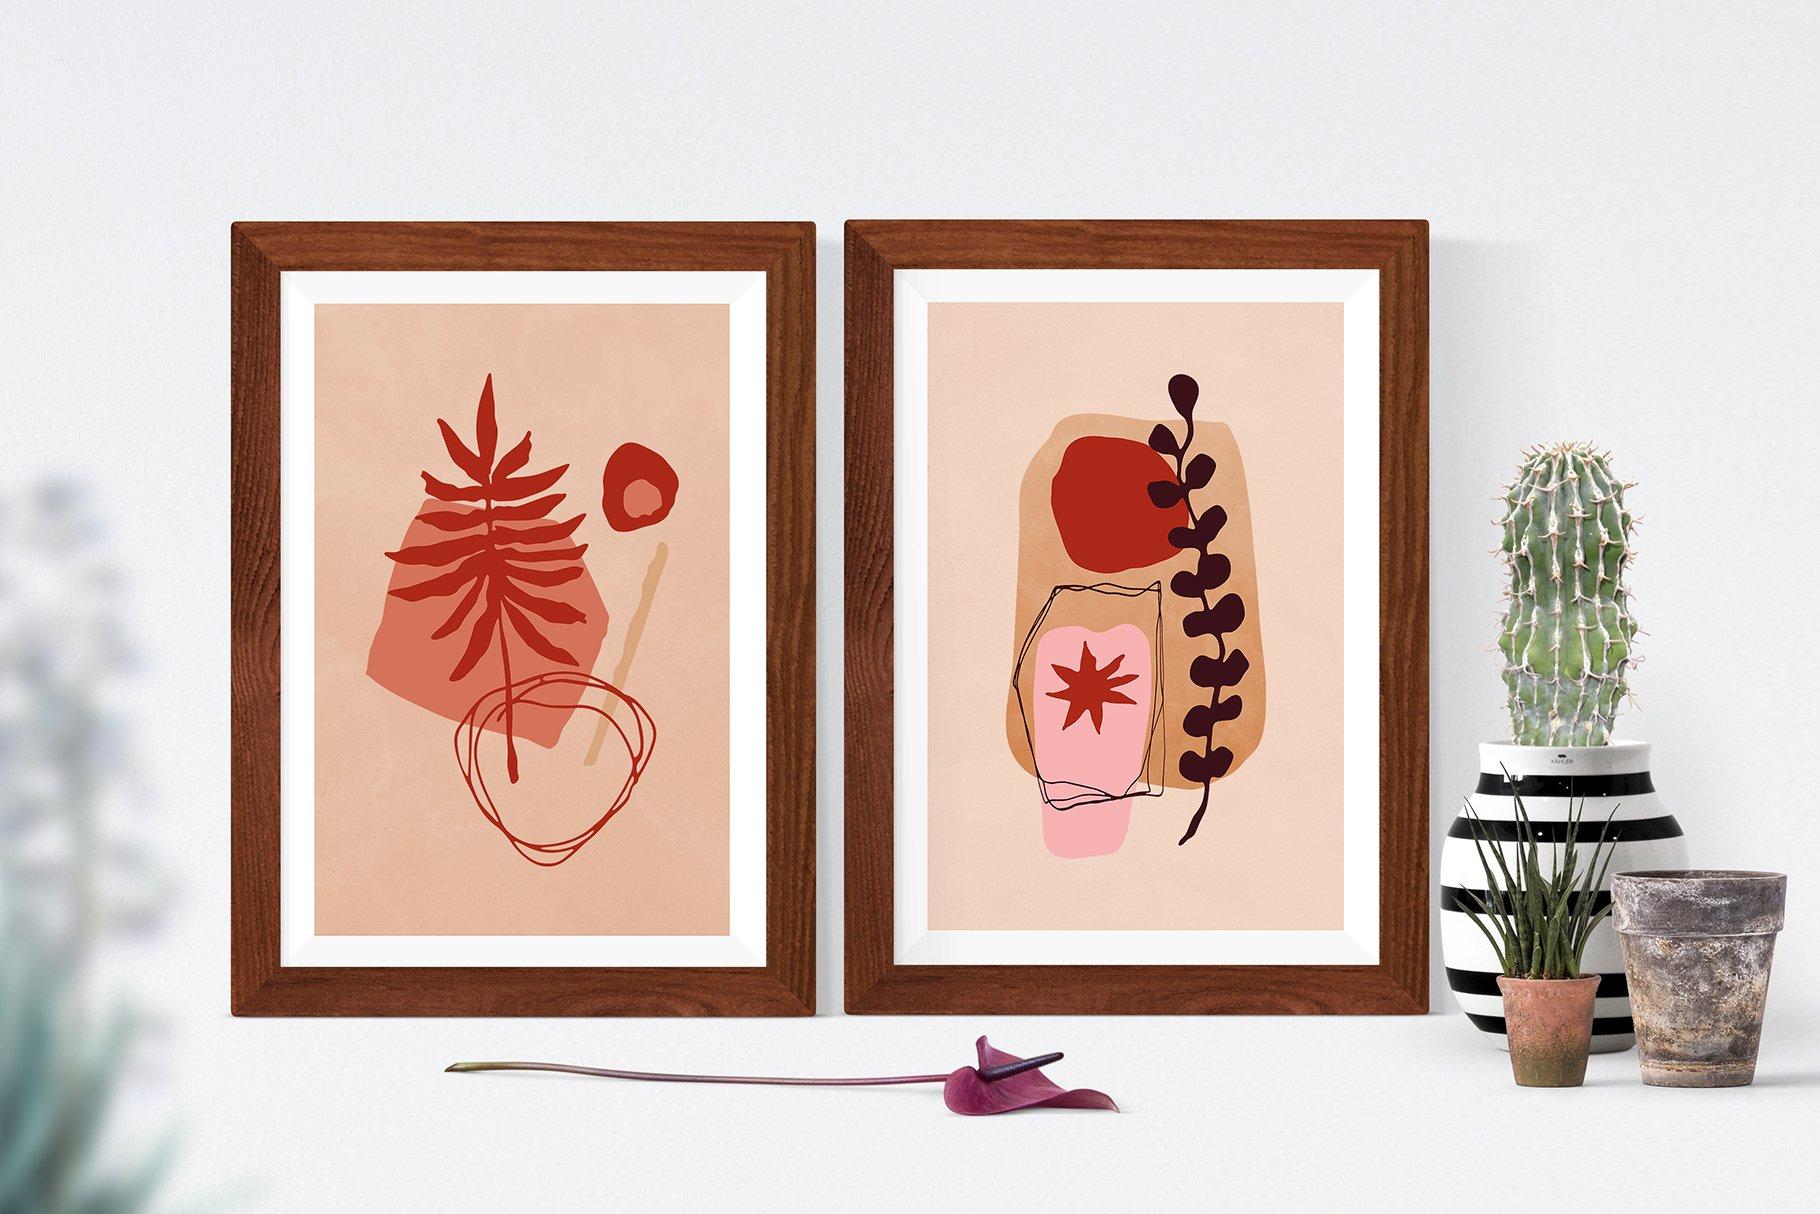 [单独购买] 现代优雅抽象花卉图形艺术线条金色箔纸设计套件 Abstract Line Art Design Kit插图3